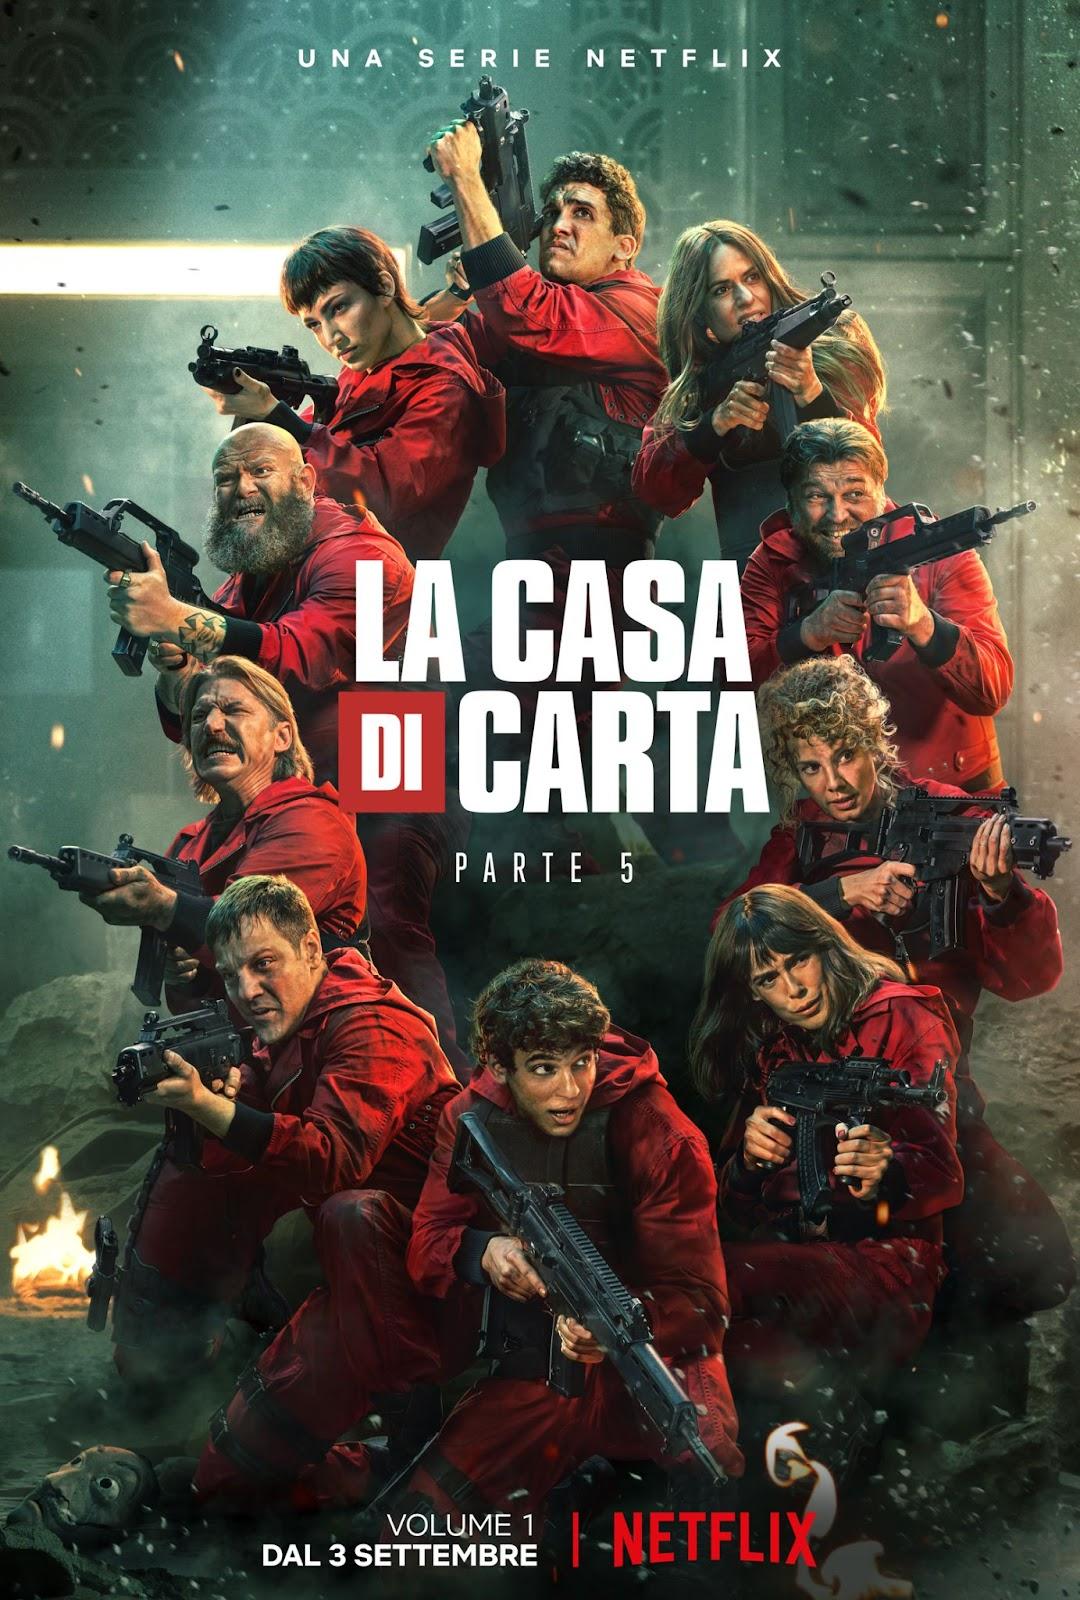 NETFLIX - LA CASA DI CARTA PARTE 5, il trailer e la locandina